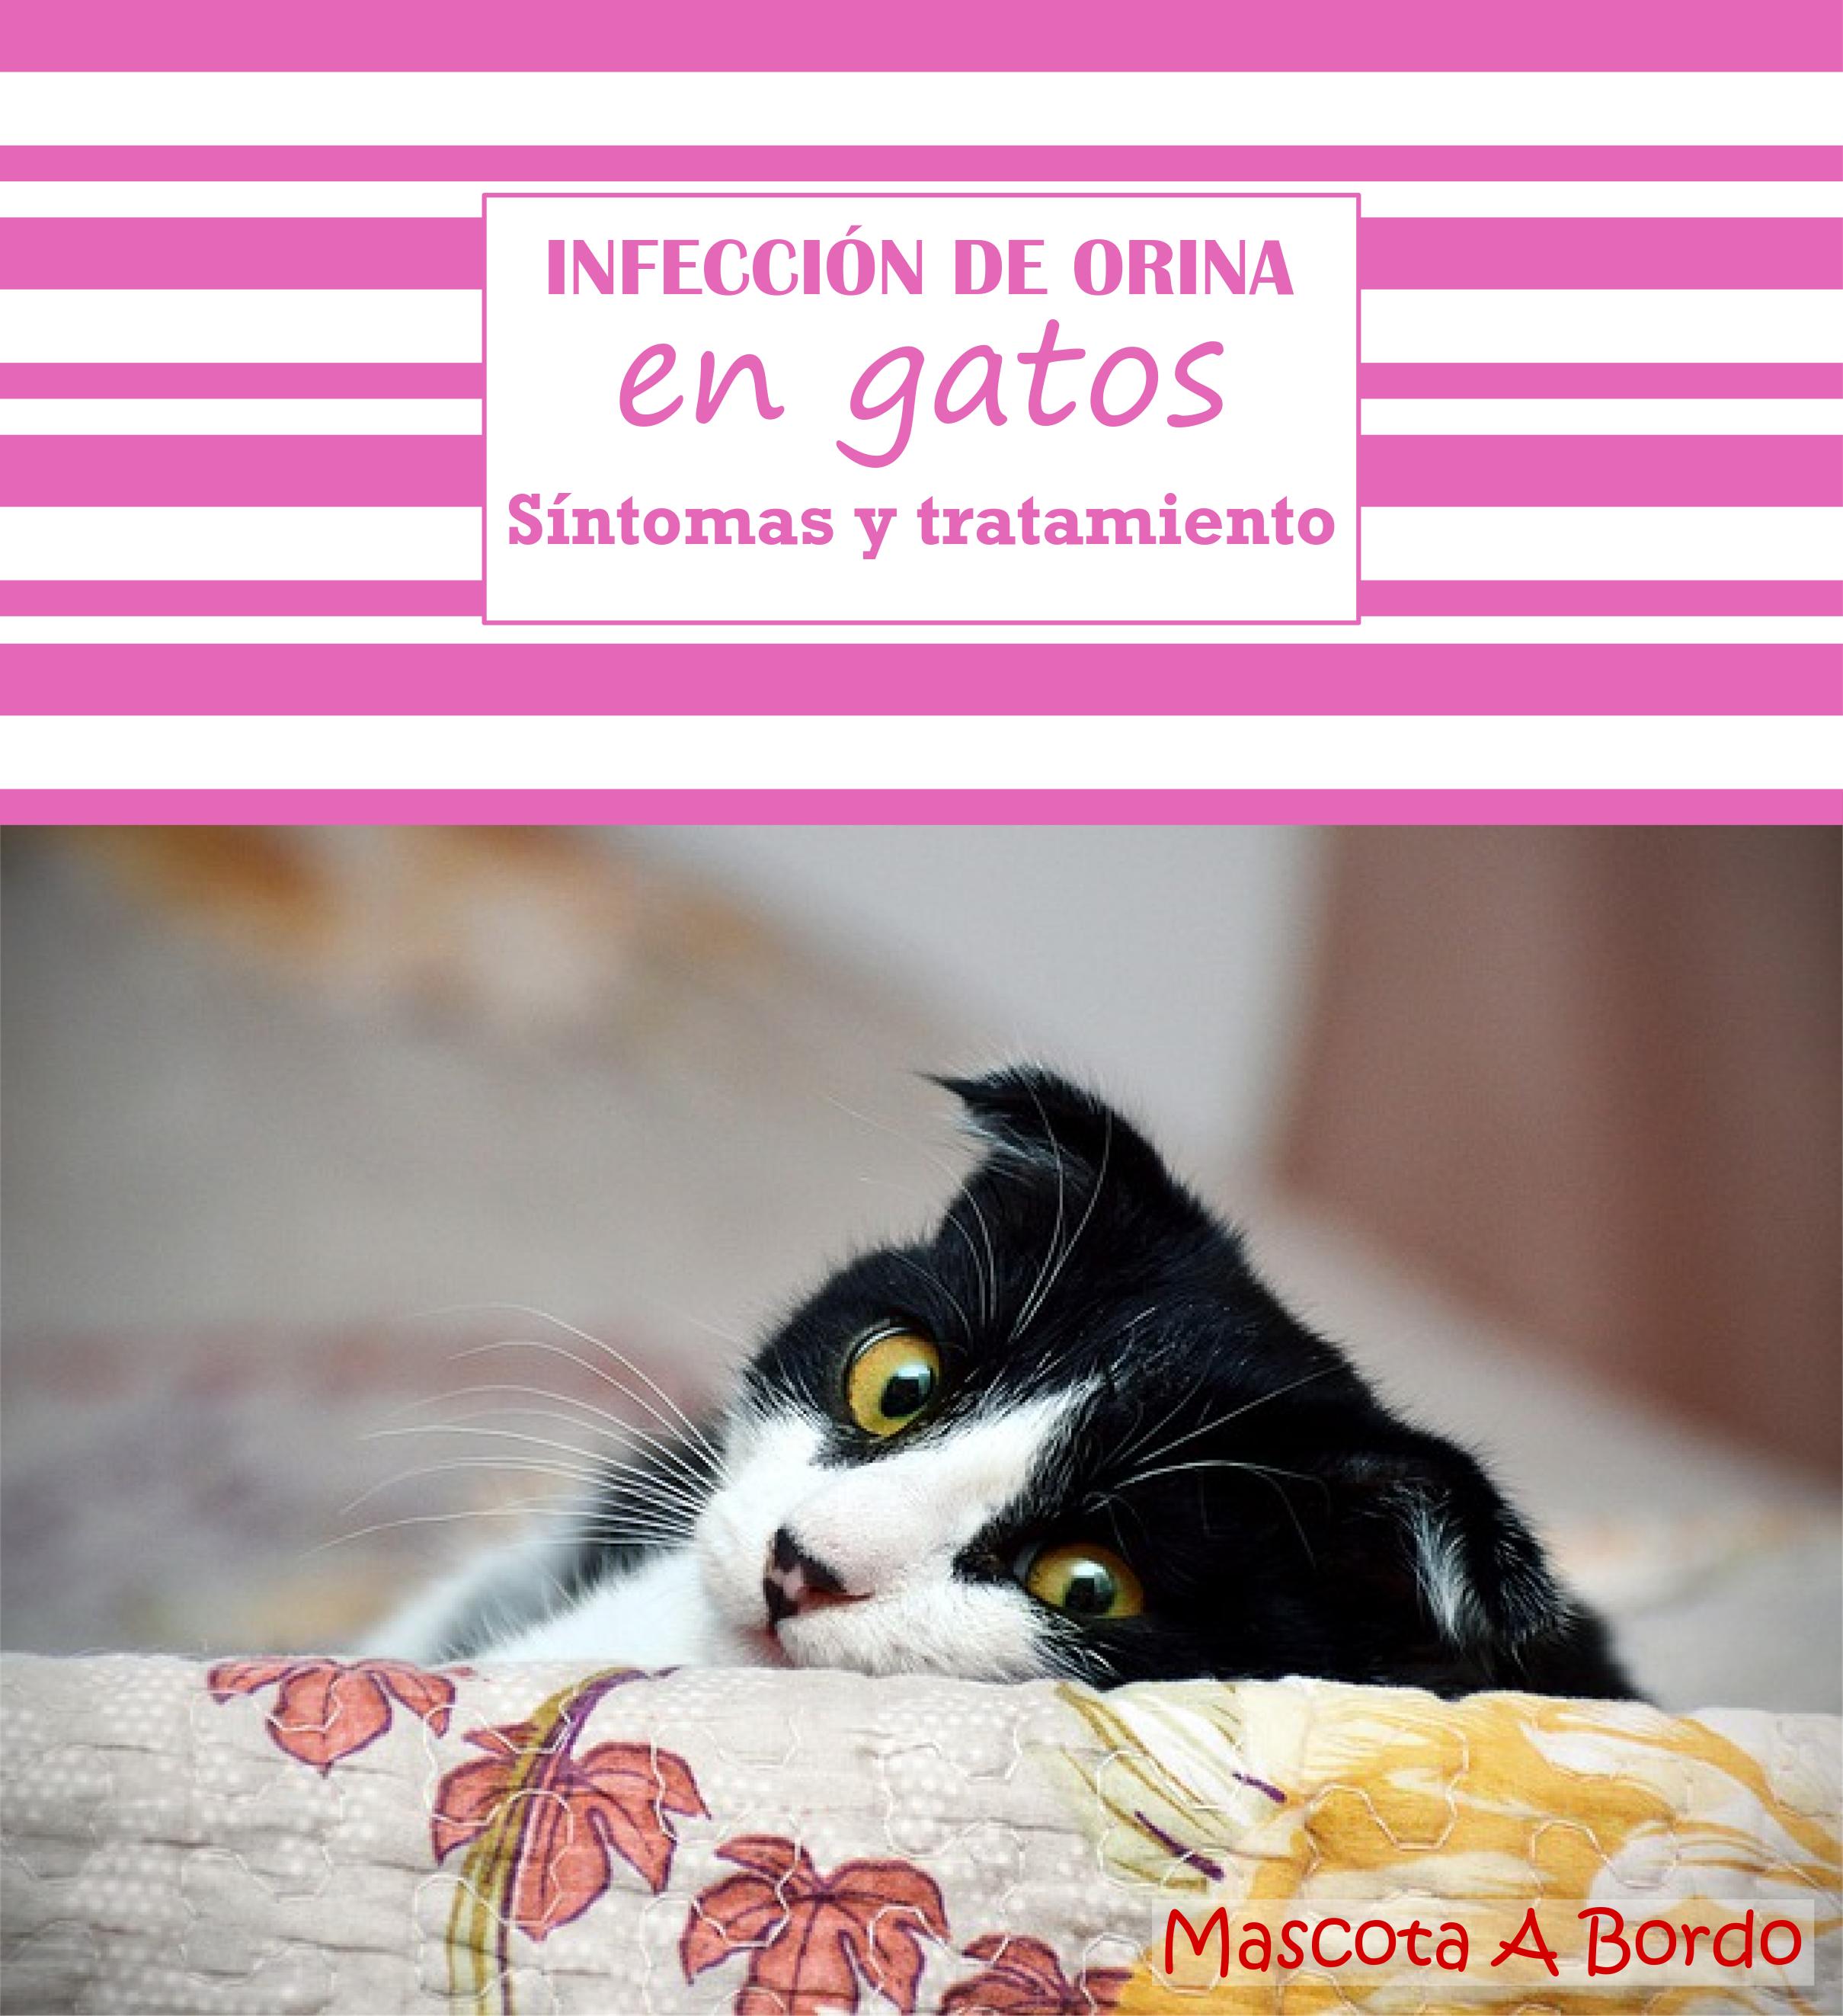 el gato tiene una infección de vejiga